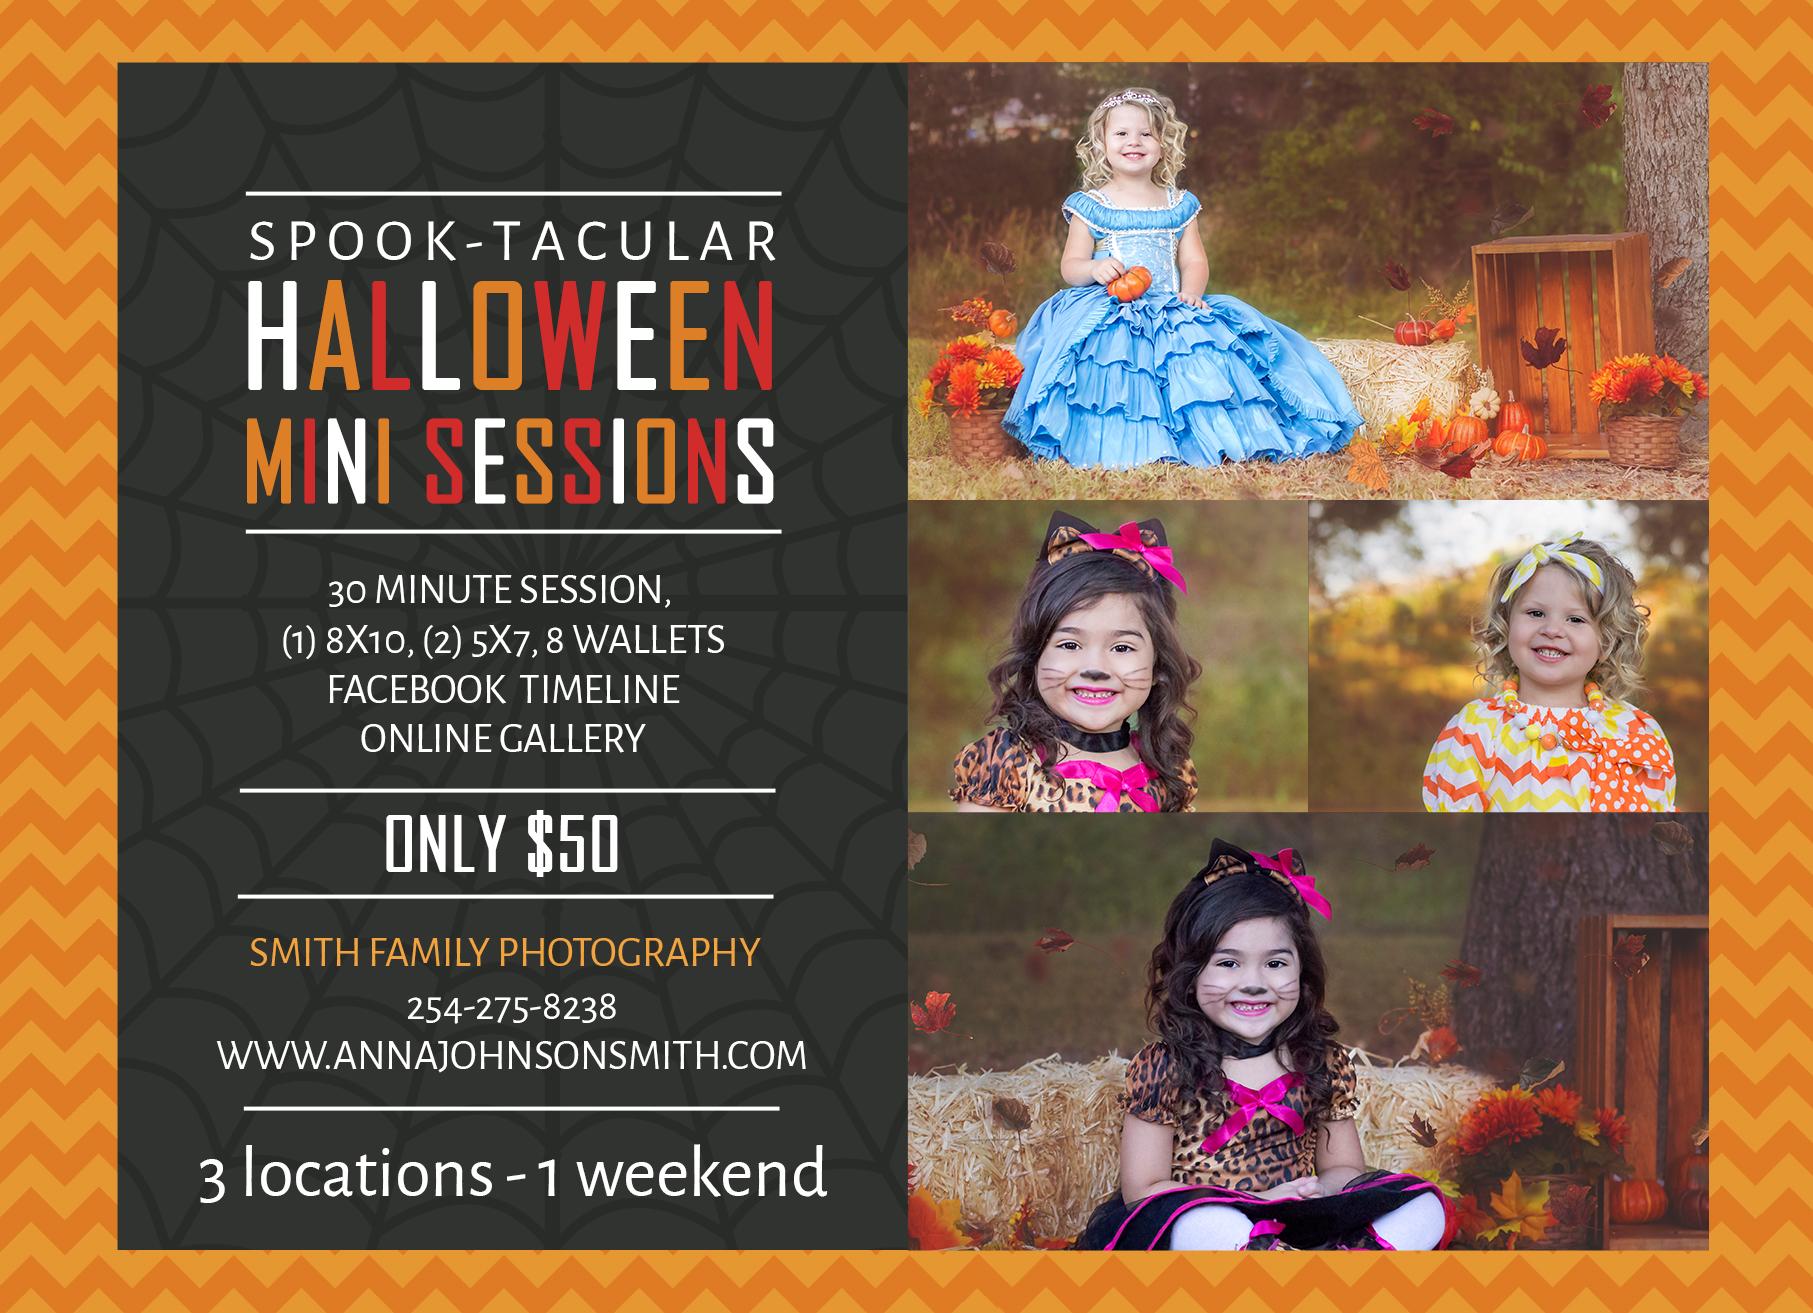 Fall/Halloween mini-session ad